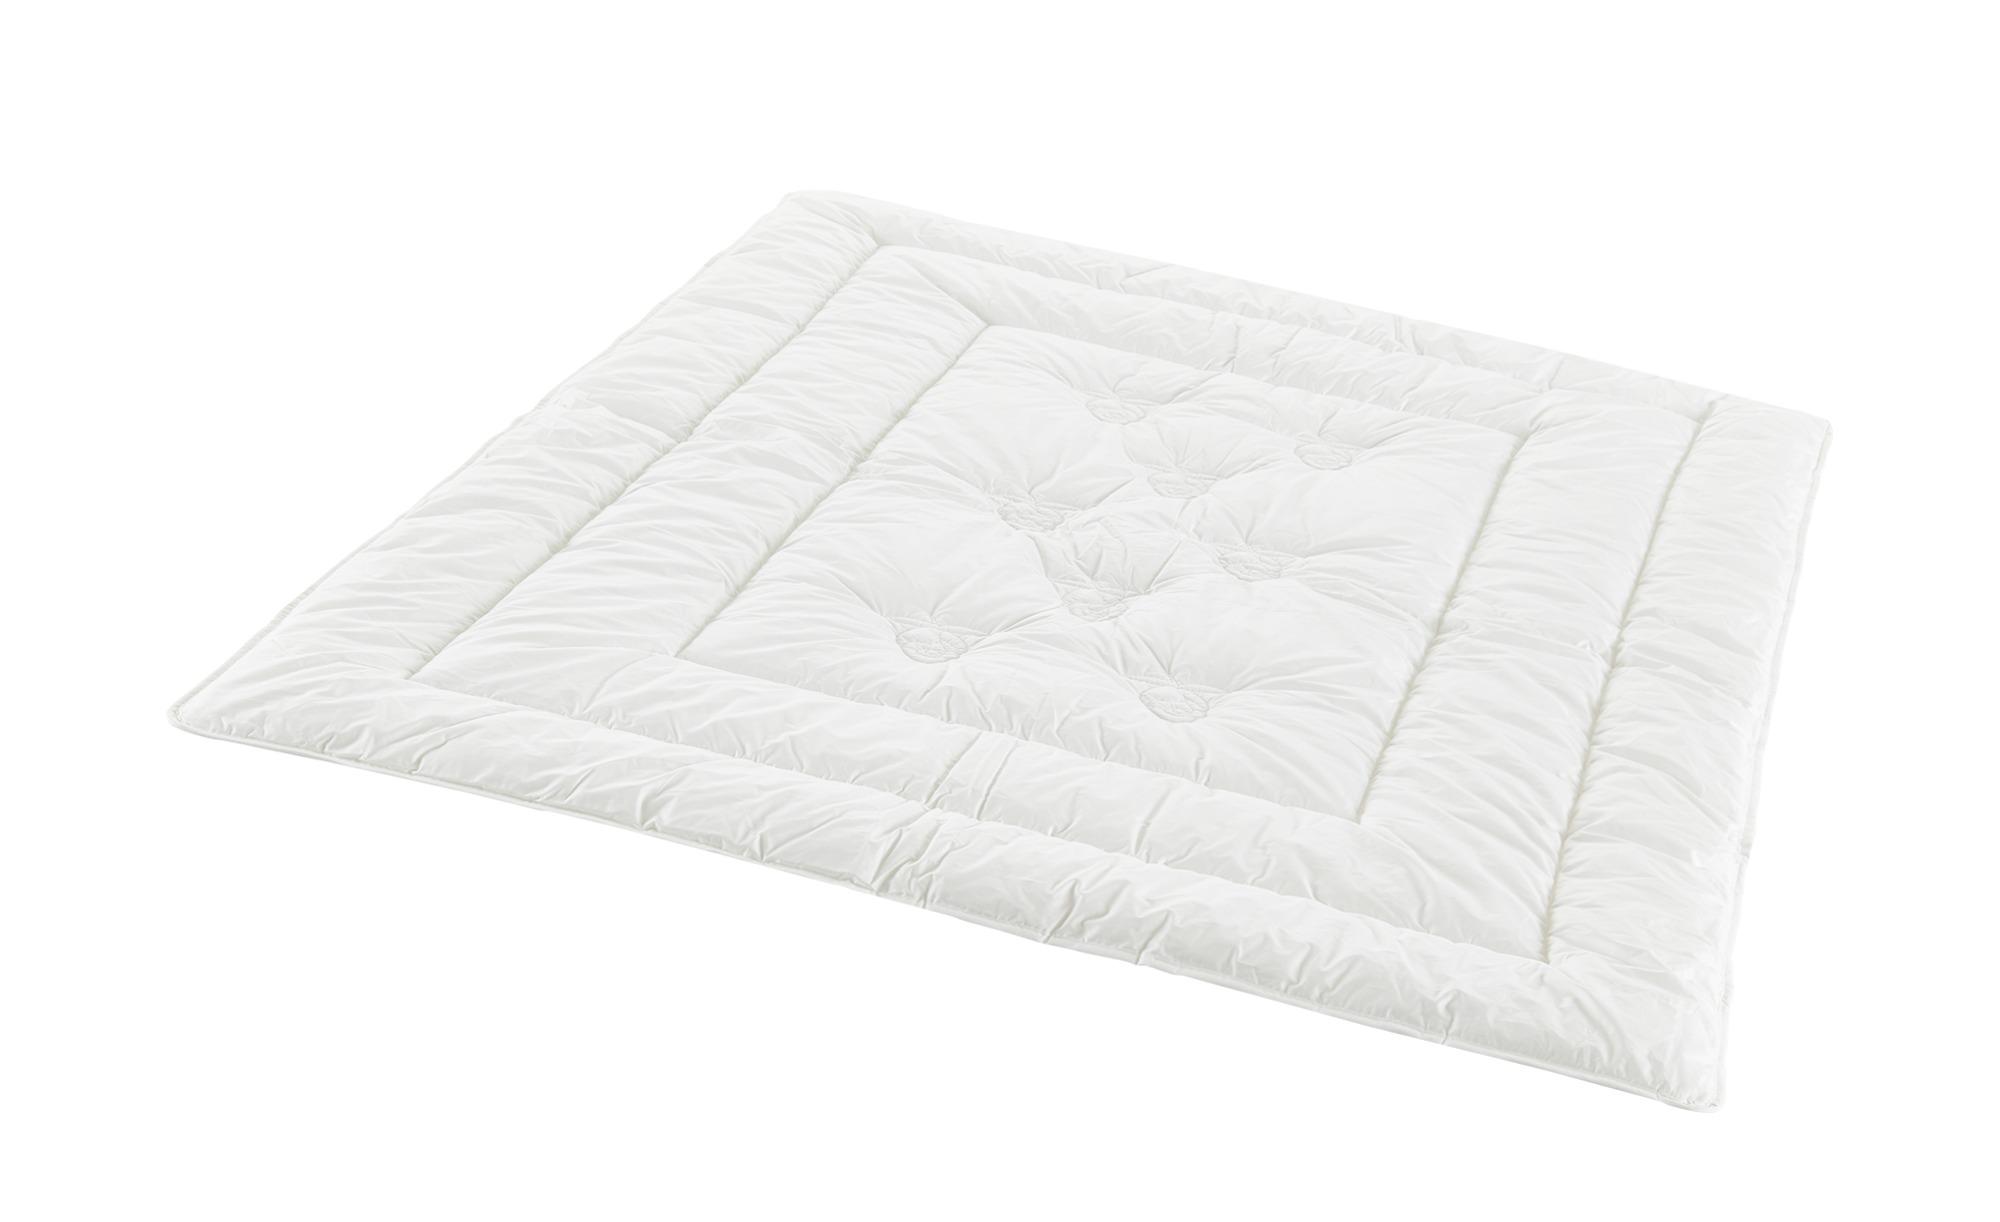 Schlafmond Sommer-Steppbett  Dornröschen ¦ creme ¦ Maße (cm): B: 200 Bettwaren > Bettdecken > Bettdecken in Übergrößen - Höffner